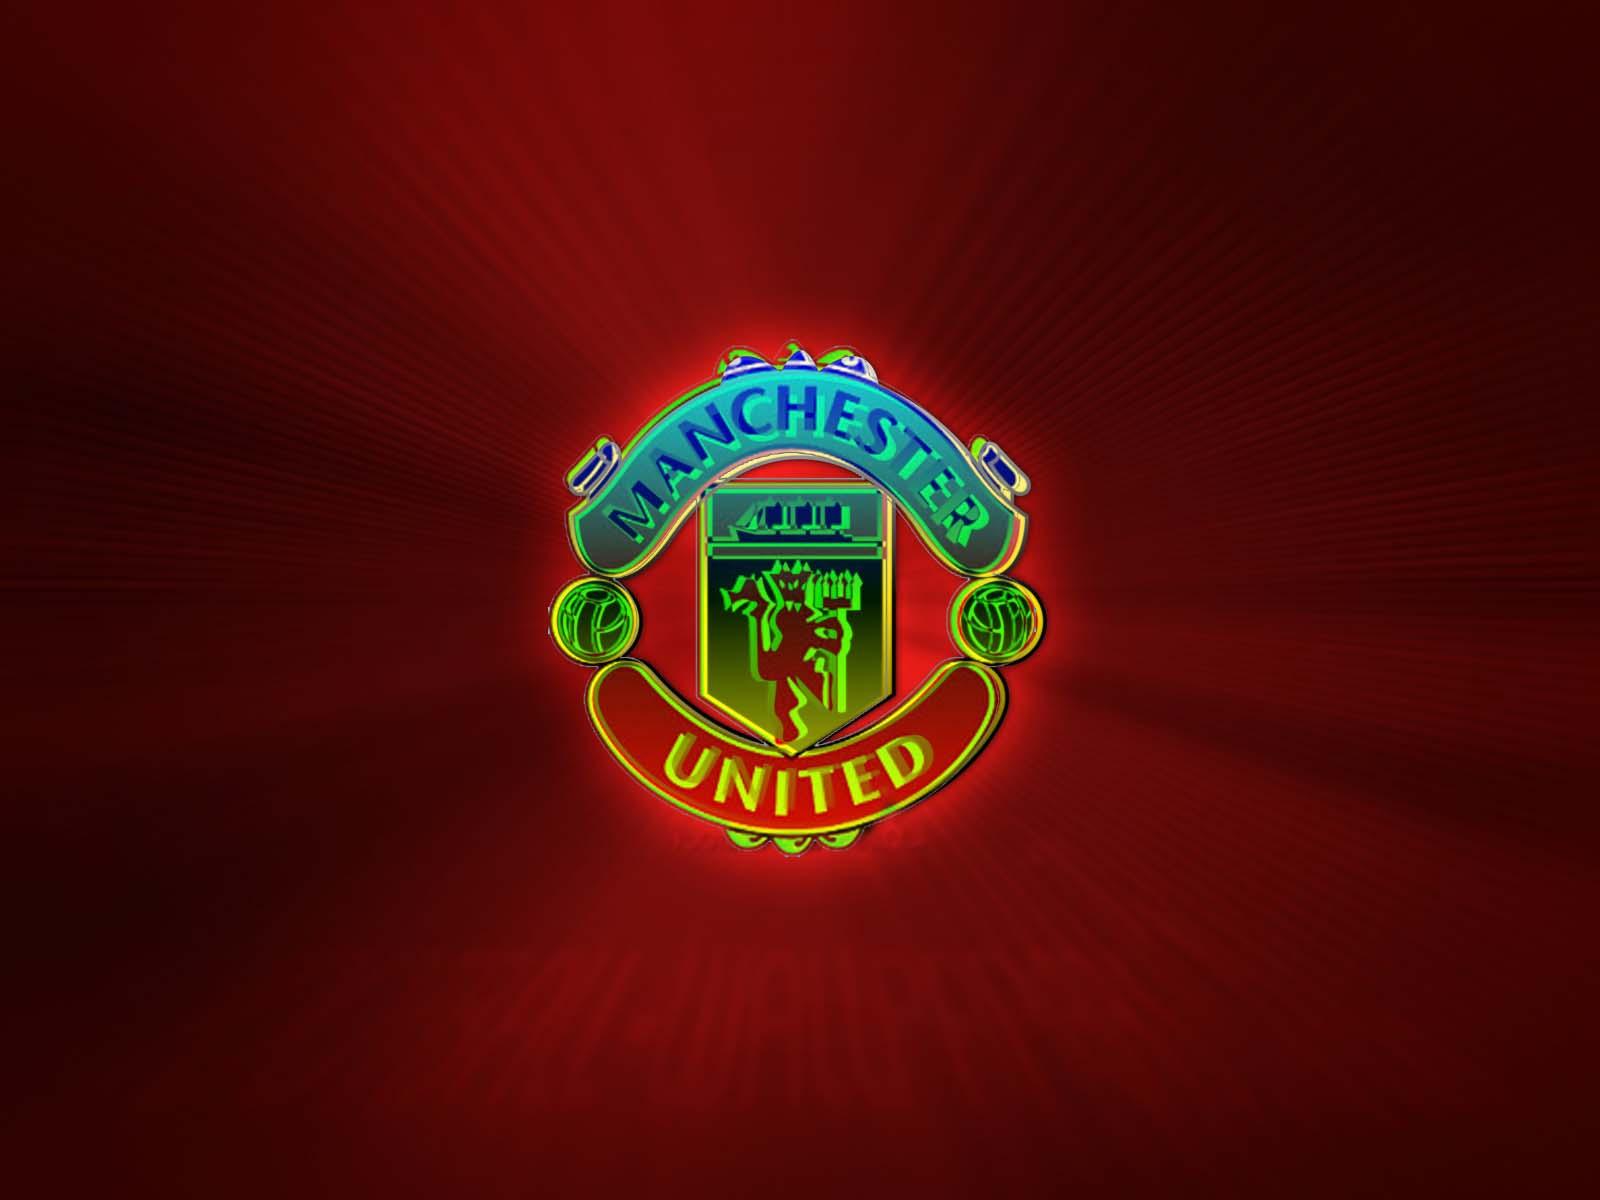 Ảnh logo Manchester United đẹp nhất